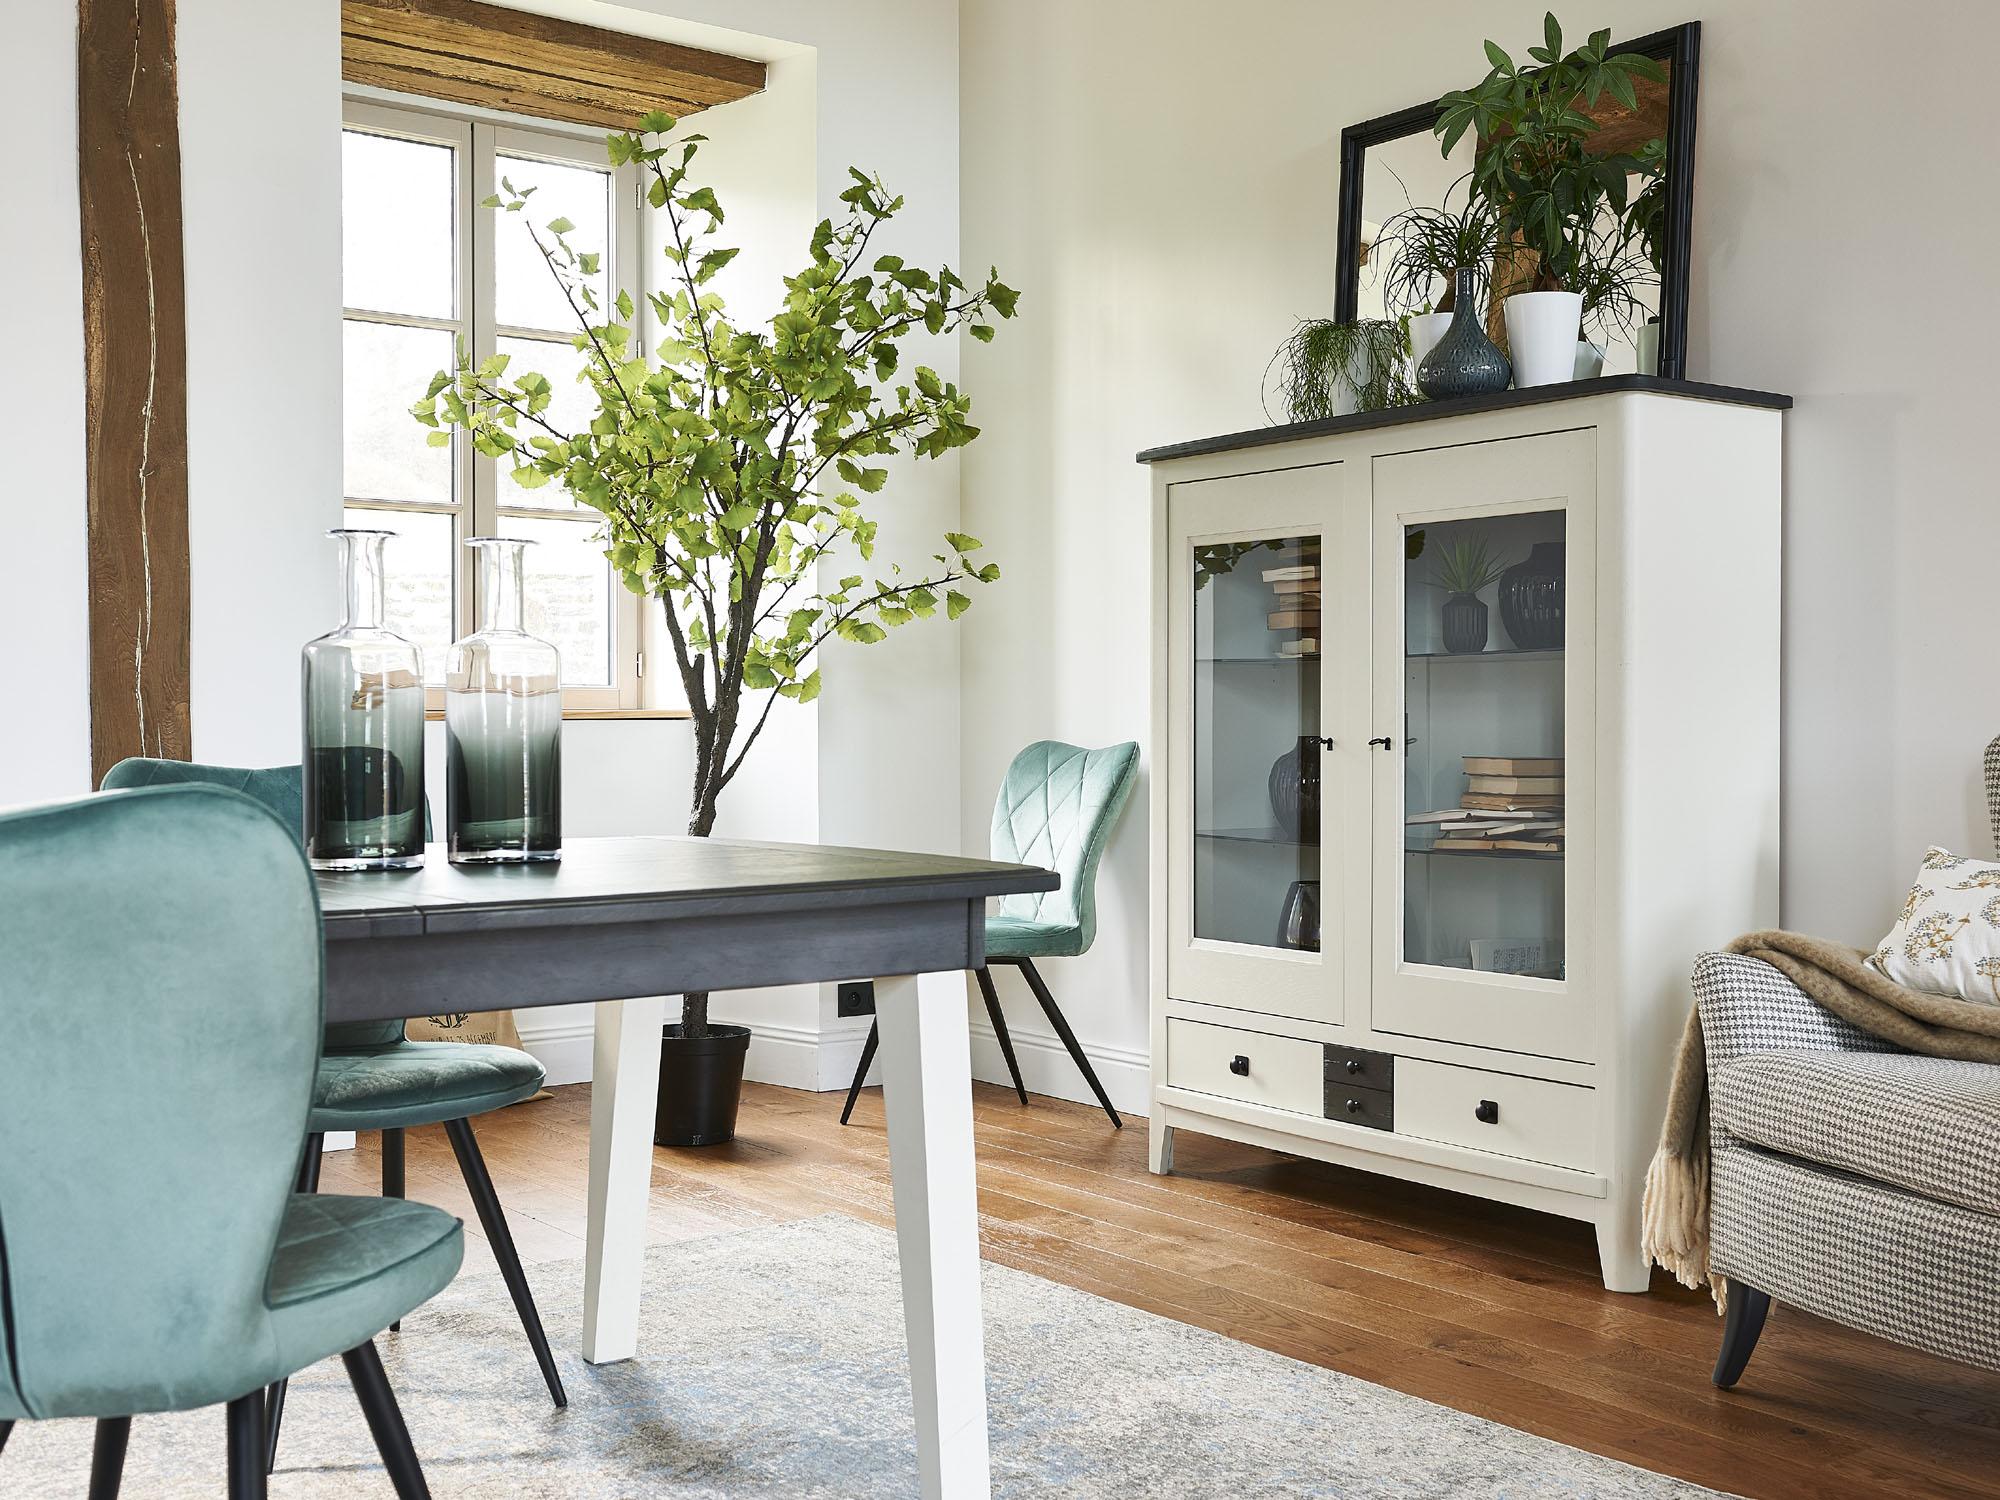 Salle à manger chêne massif table pieds bois Ateliers de ...